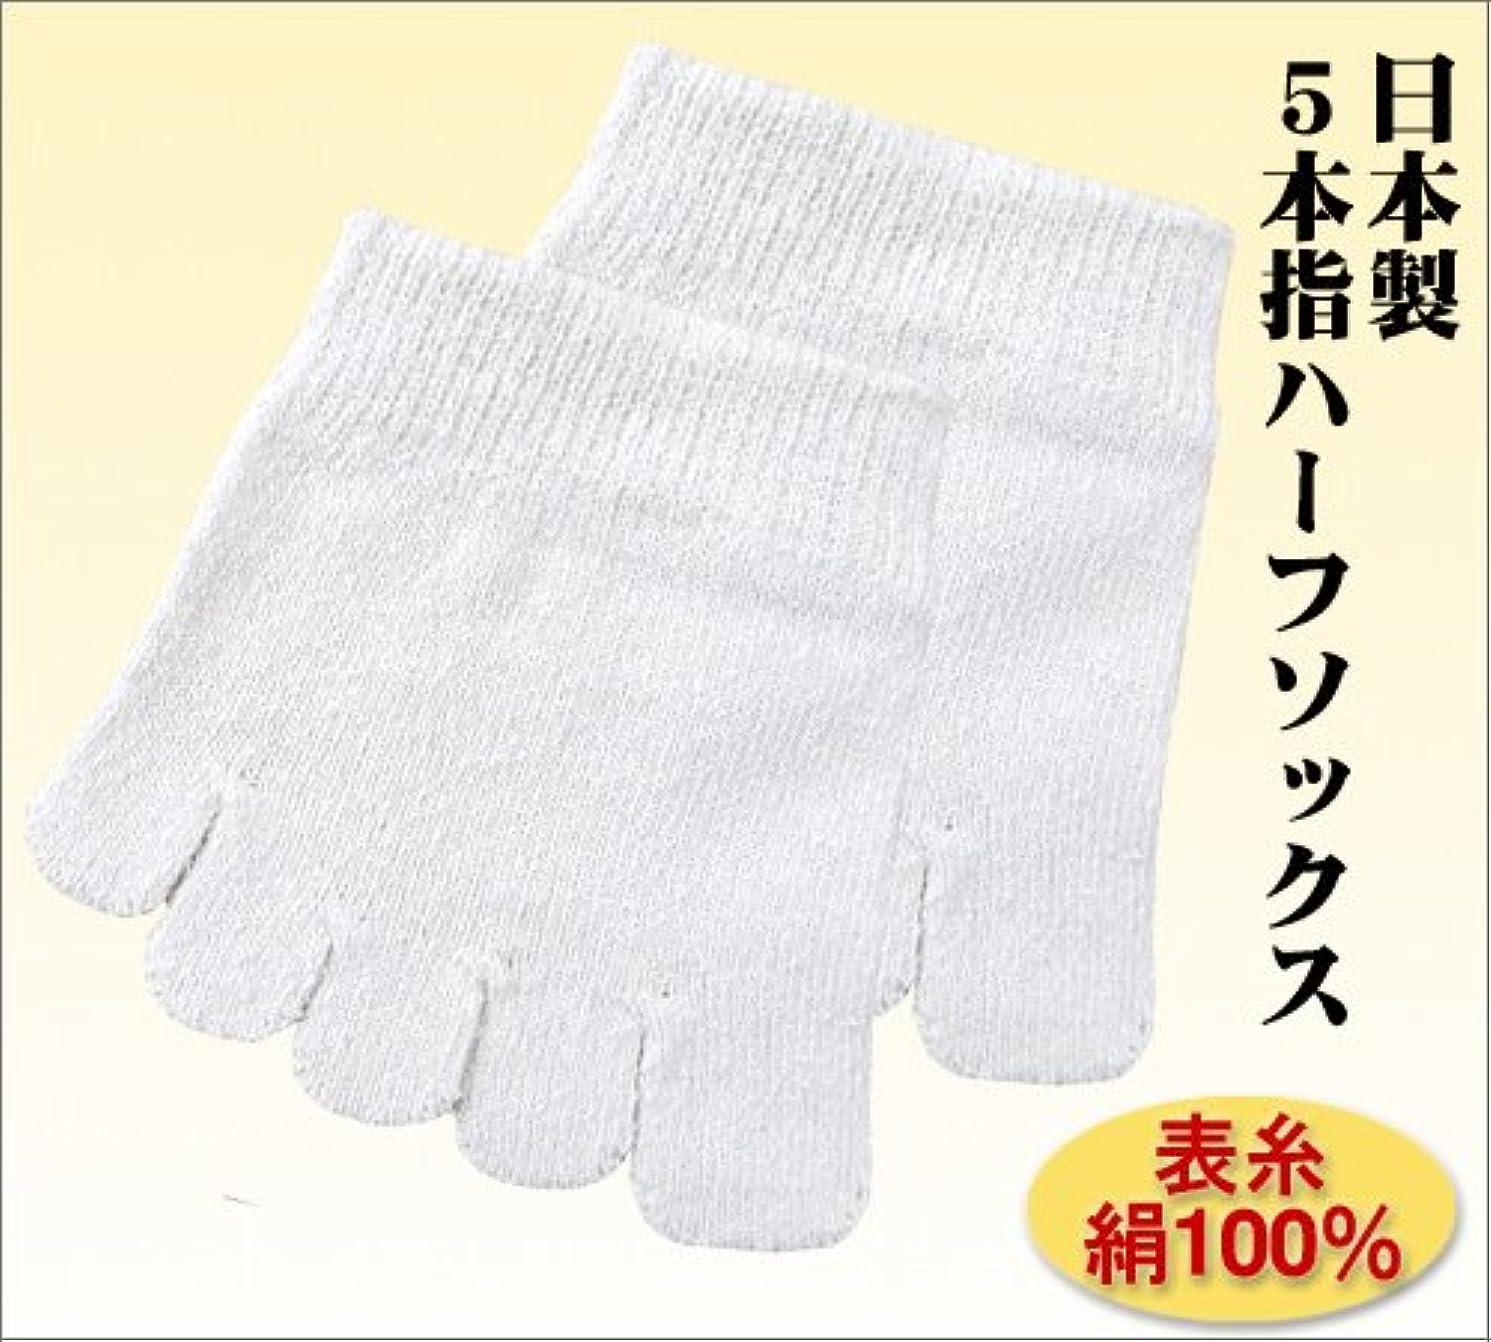 頻繁に時系列前方へ日本製 天然シルク5本指ハーフソックス 表糸絹100% 快適な指先ソックス 2足組 (紳士(オフ白2足組))